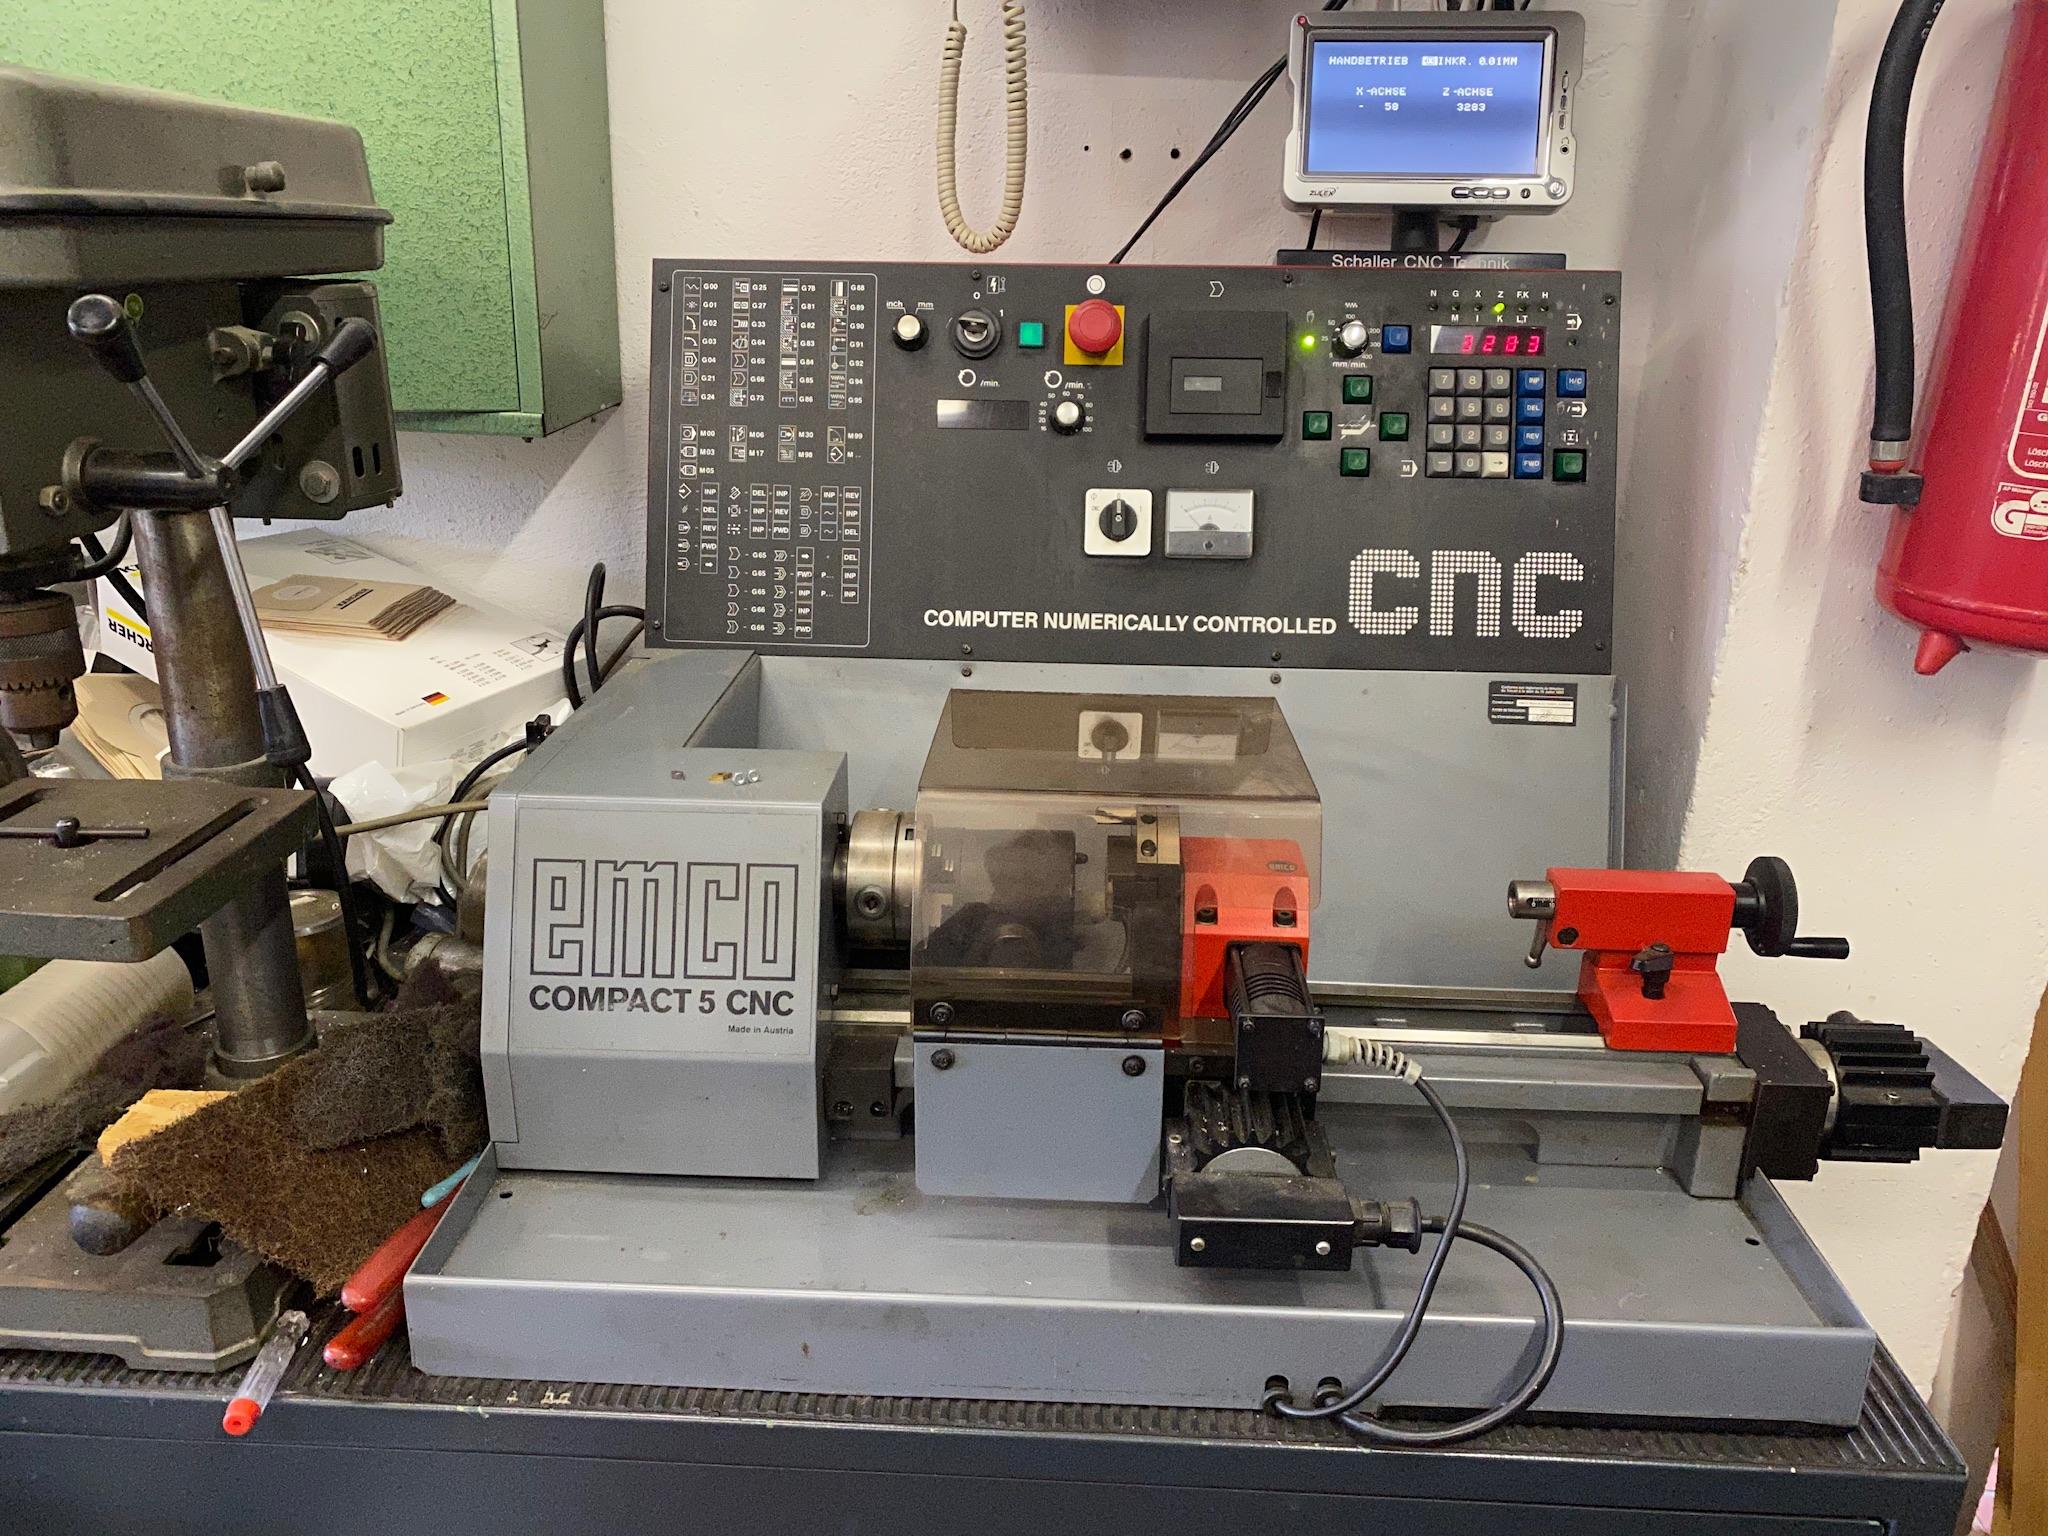 Compact 5 CNC